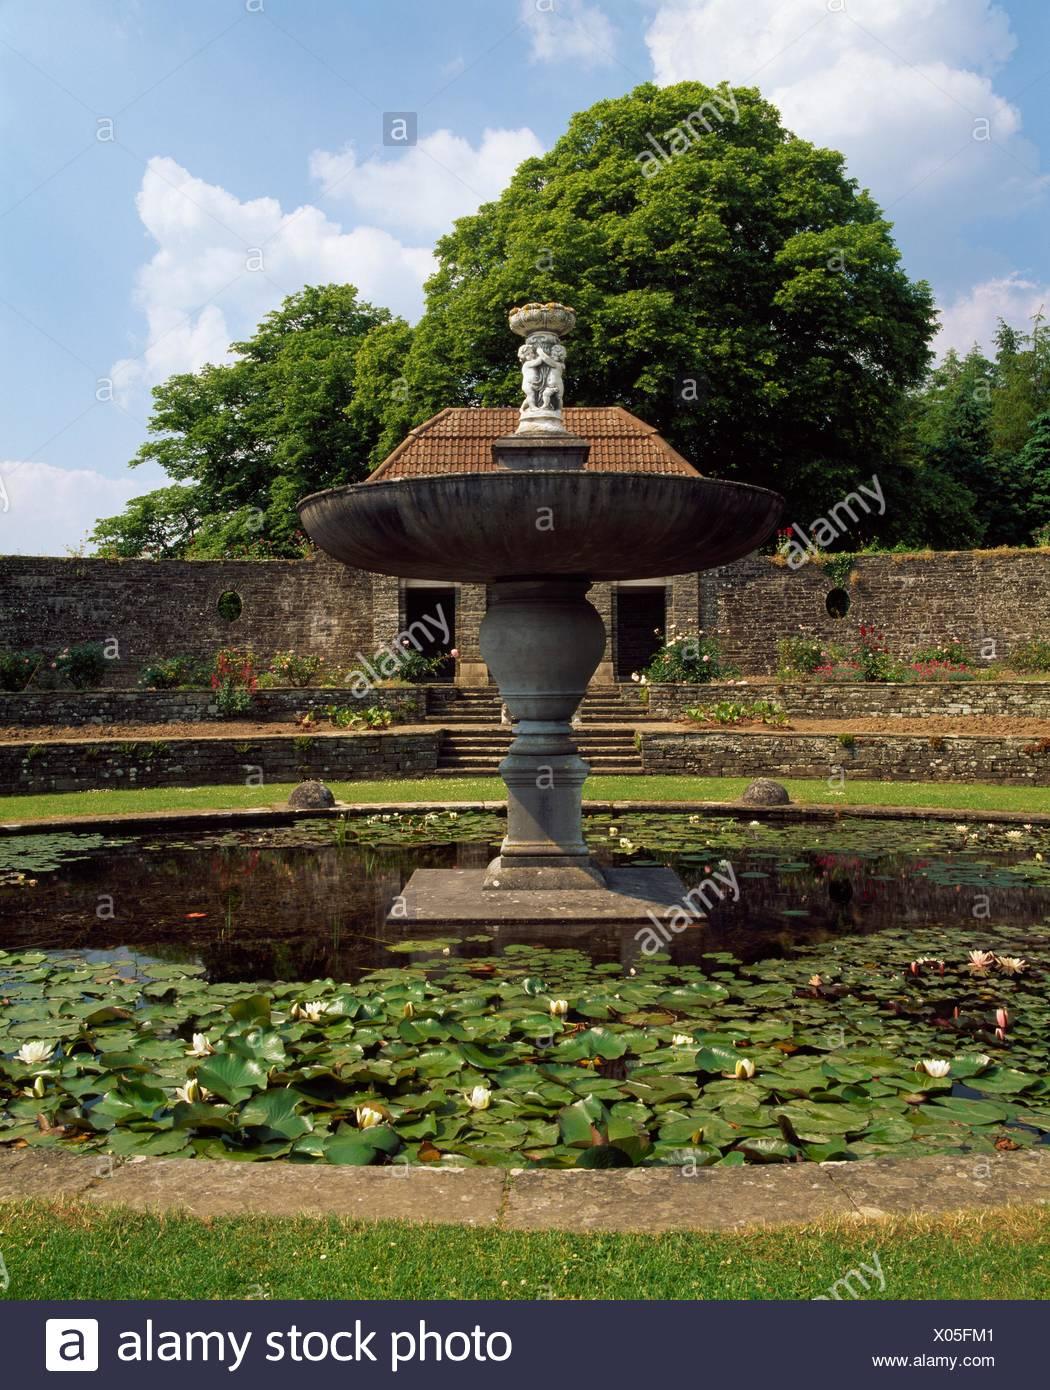 Heywood Gardens Stock Photos & Heywood Gardens Stock Images - Alamy